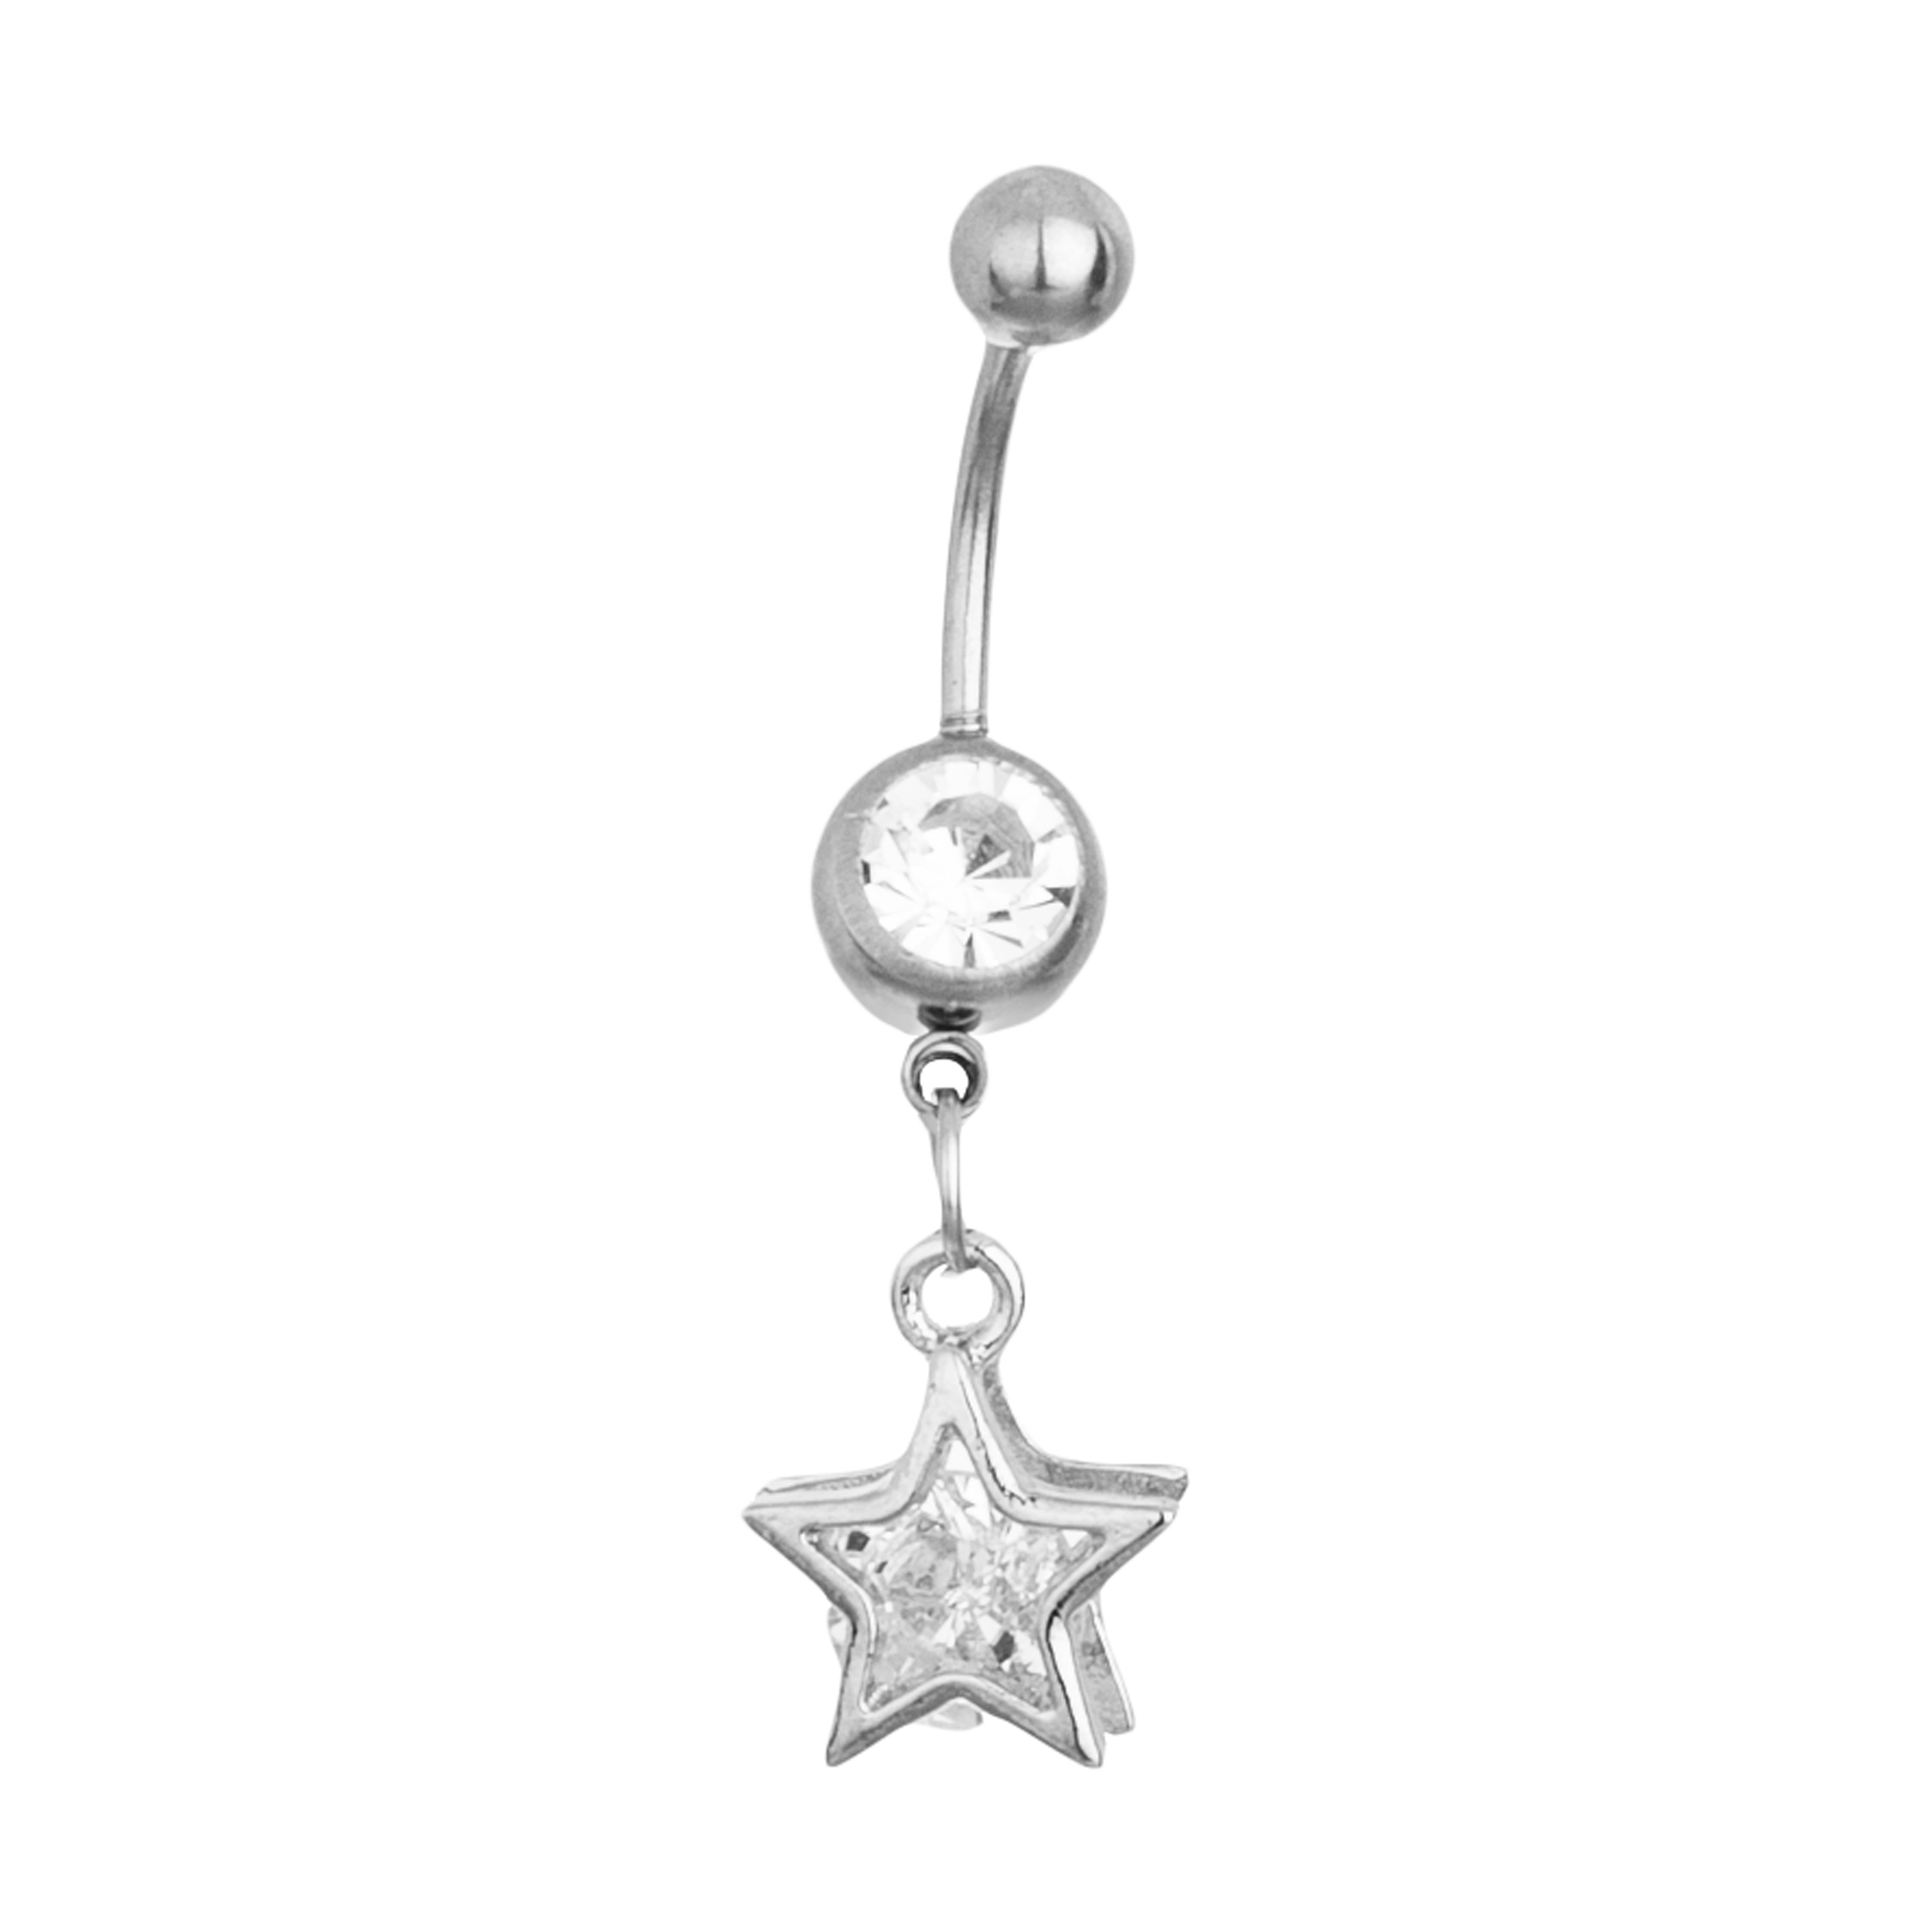 پیرسینگ بدن زنانه طرح ستاره کد Mhr-482